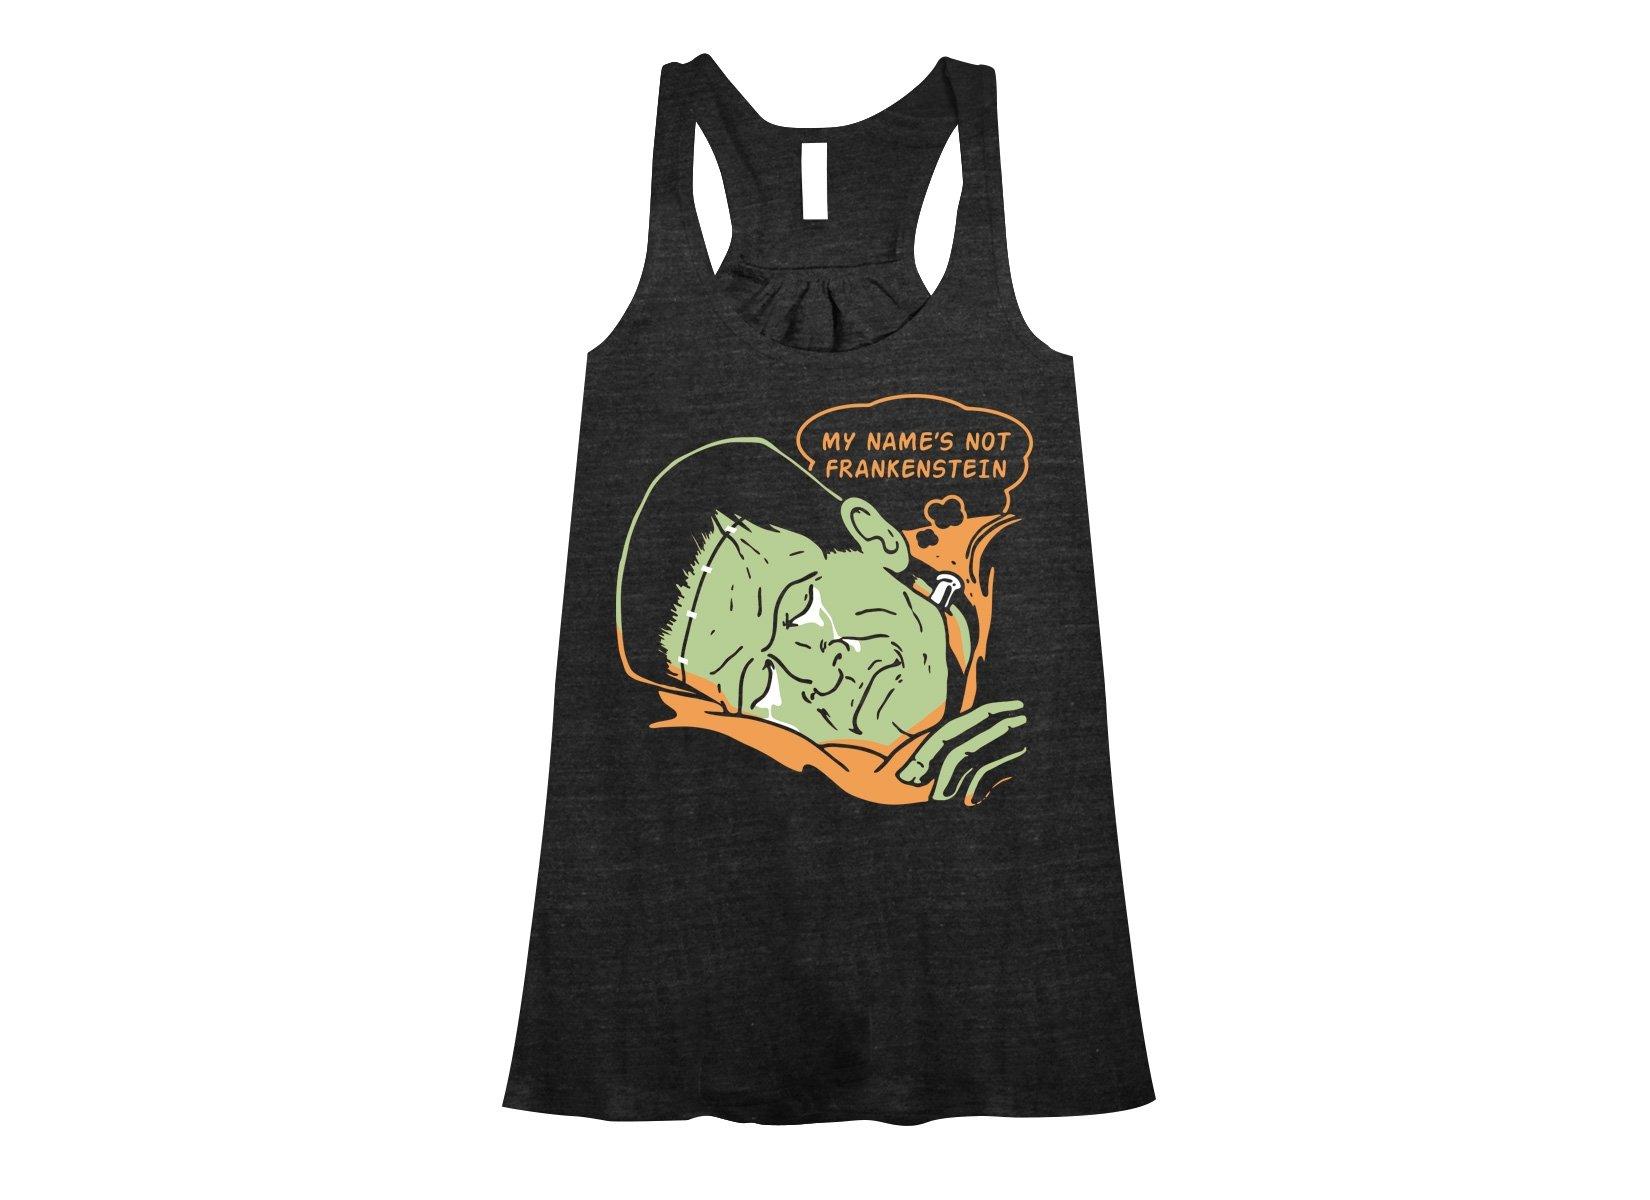 My Name's Not Frankenstein on Womens Tanks T-Shirt